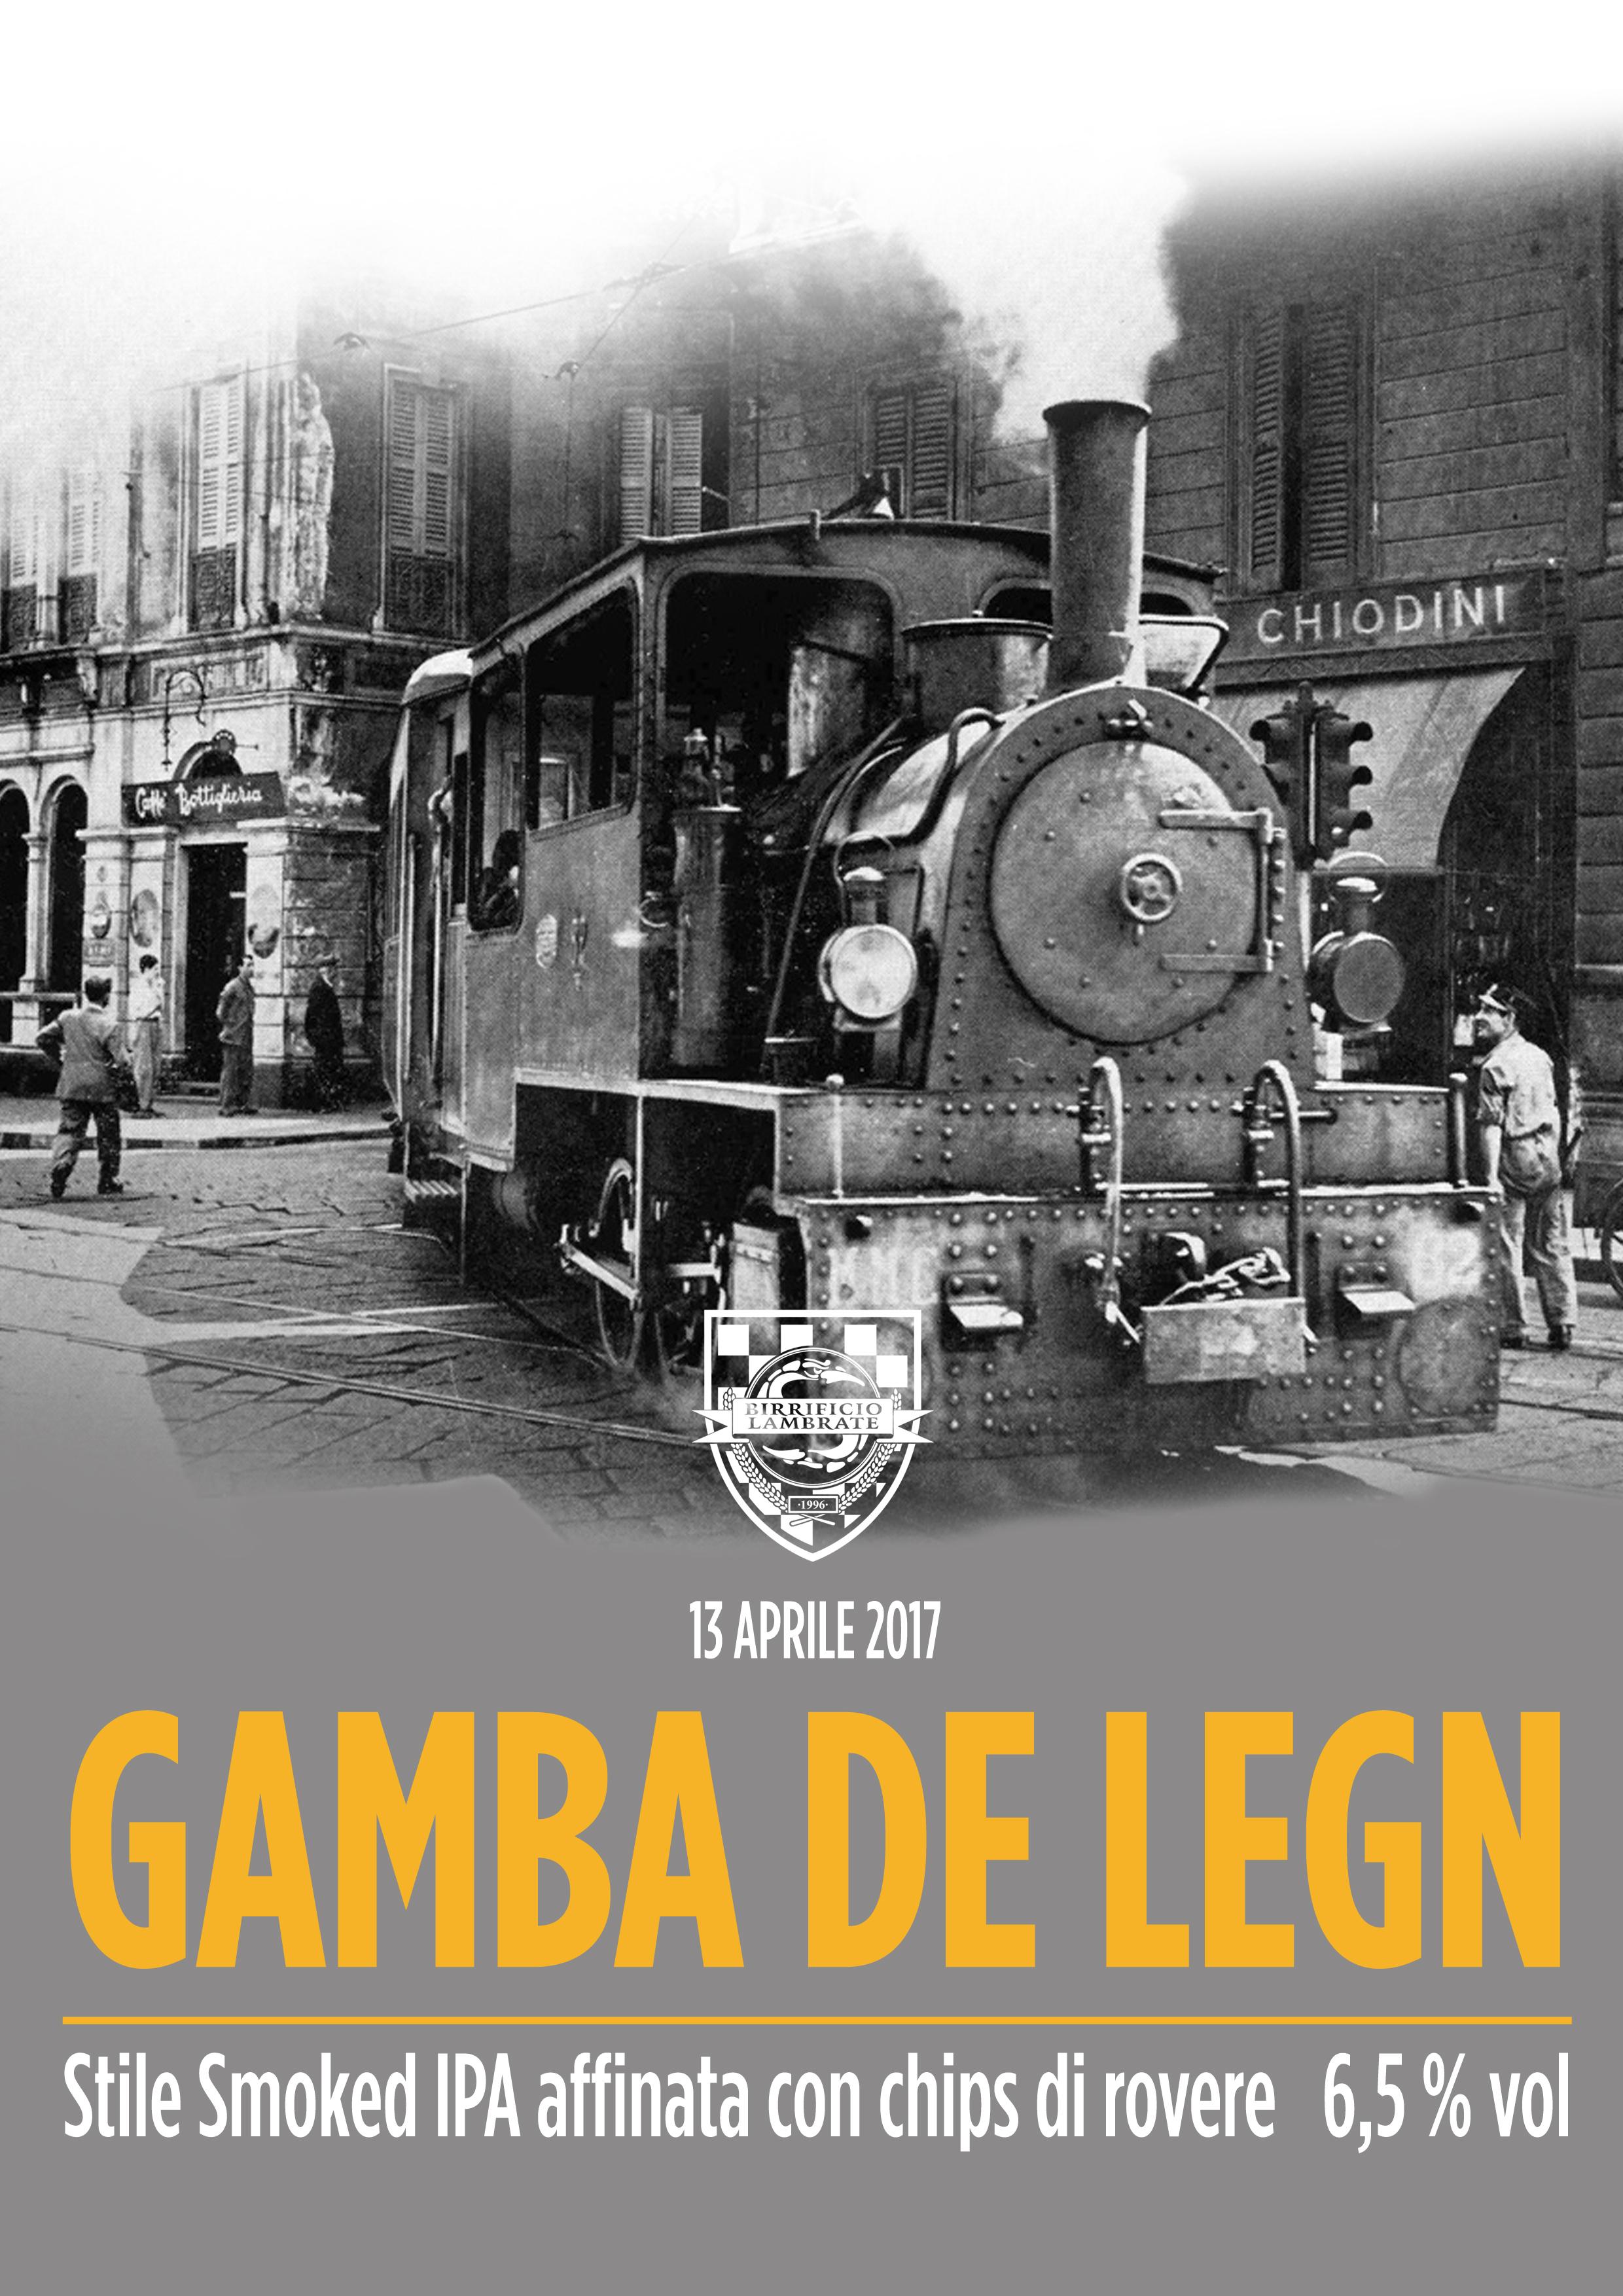 gamba-de-legn-2017